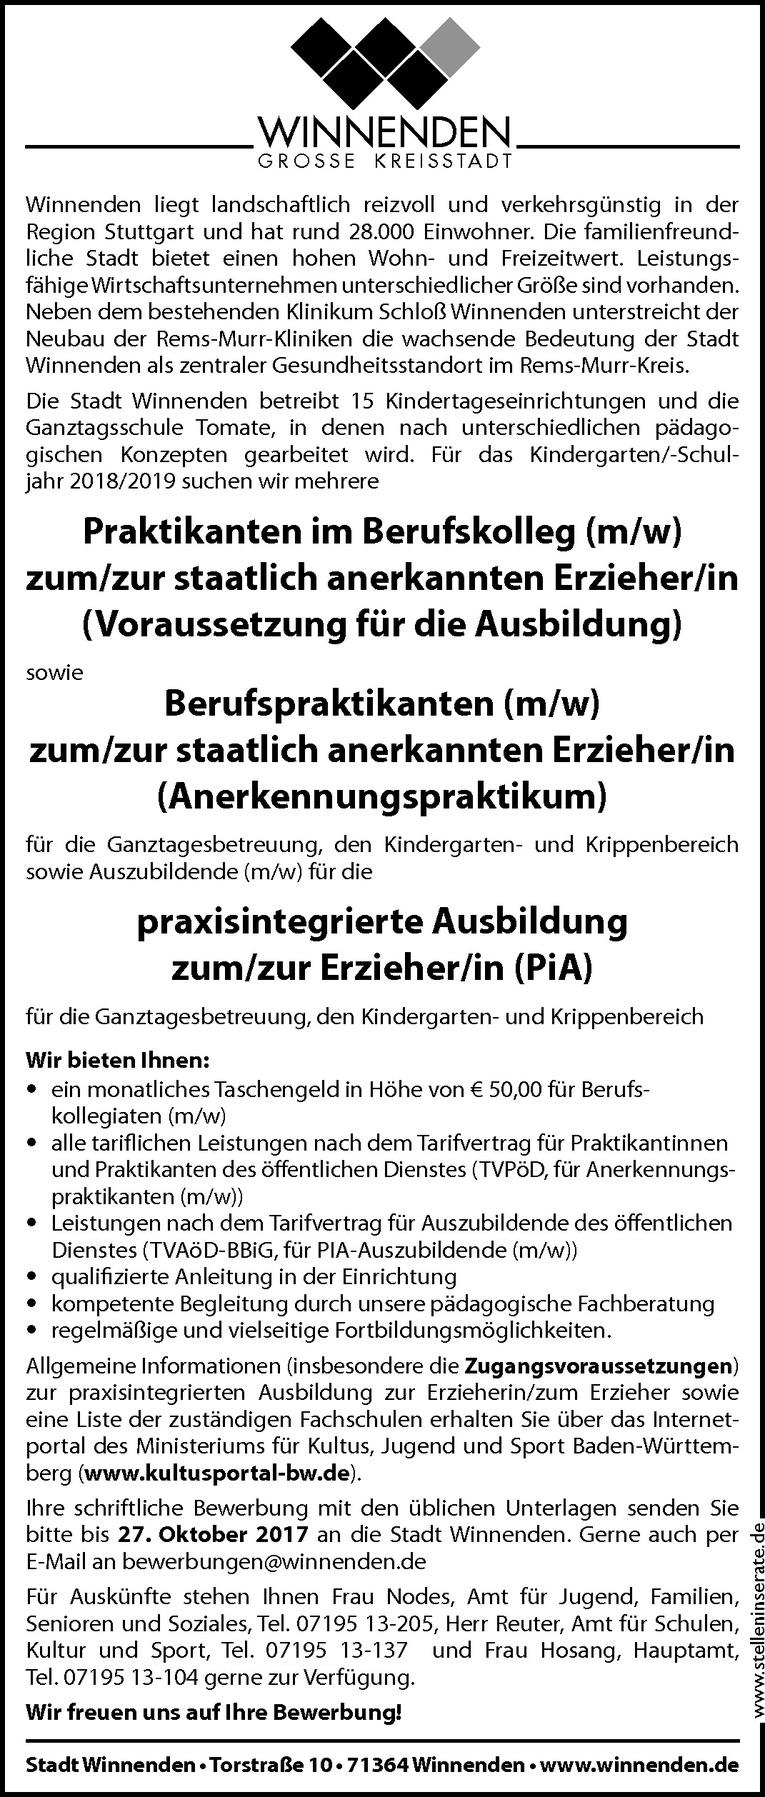 praxisintegrierte Ausbildung zum/zur Erzieher/in (PiA)